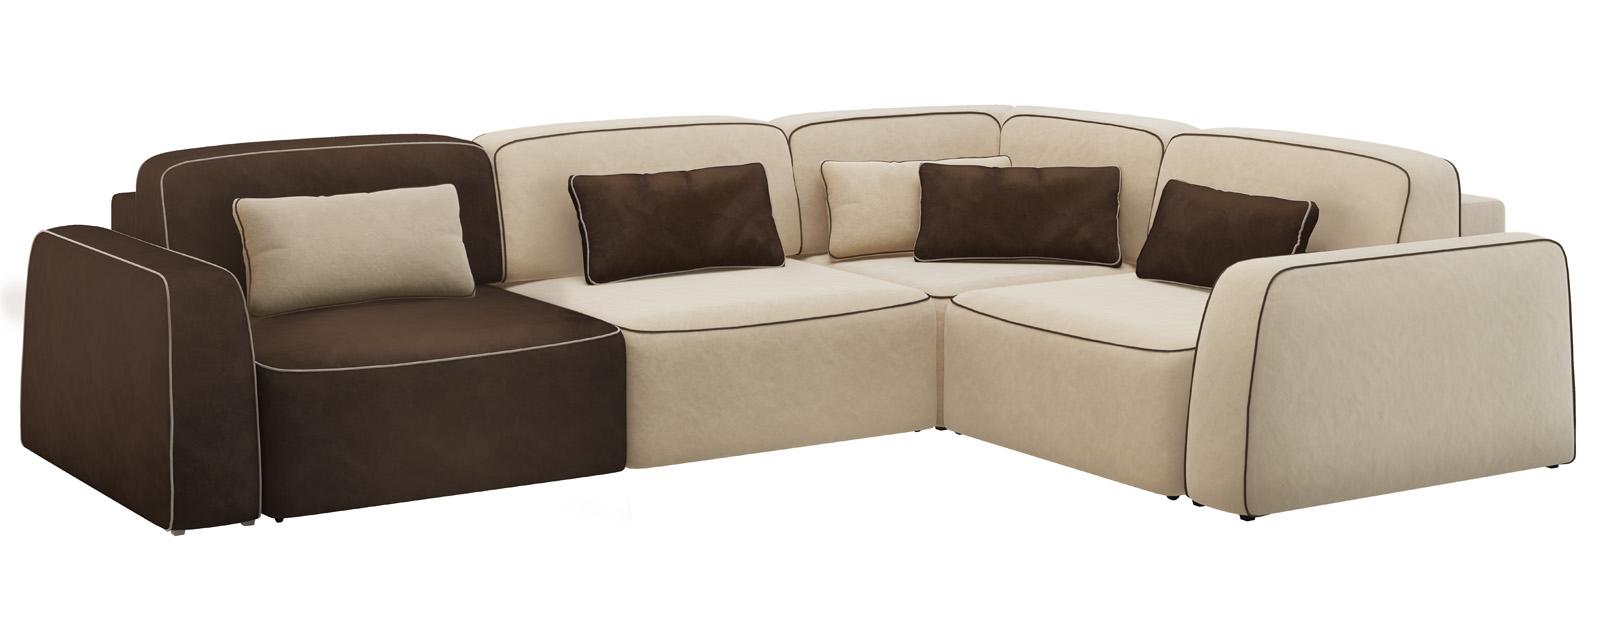 Модульный диван Портленд 350 см Вариант №4 Velure бежевый/темно-коричневый (Велюр)